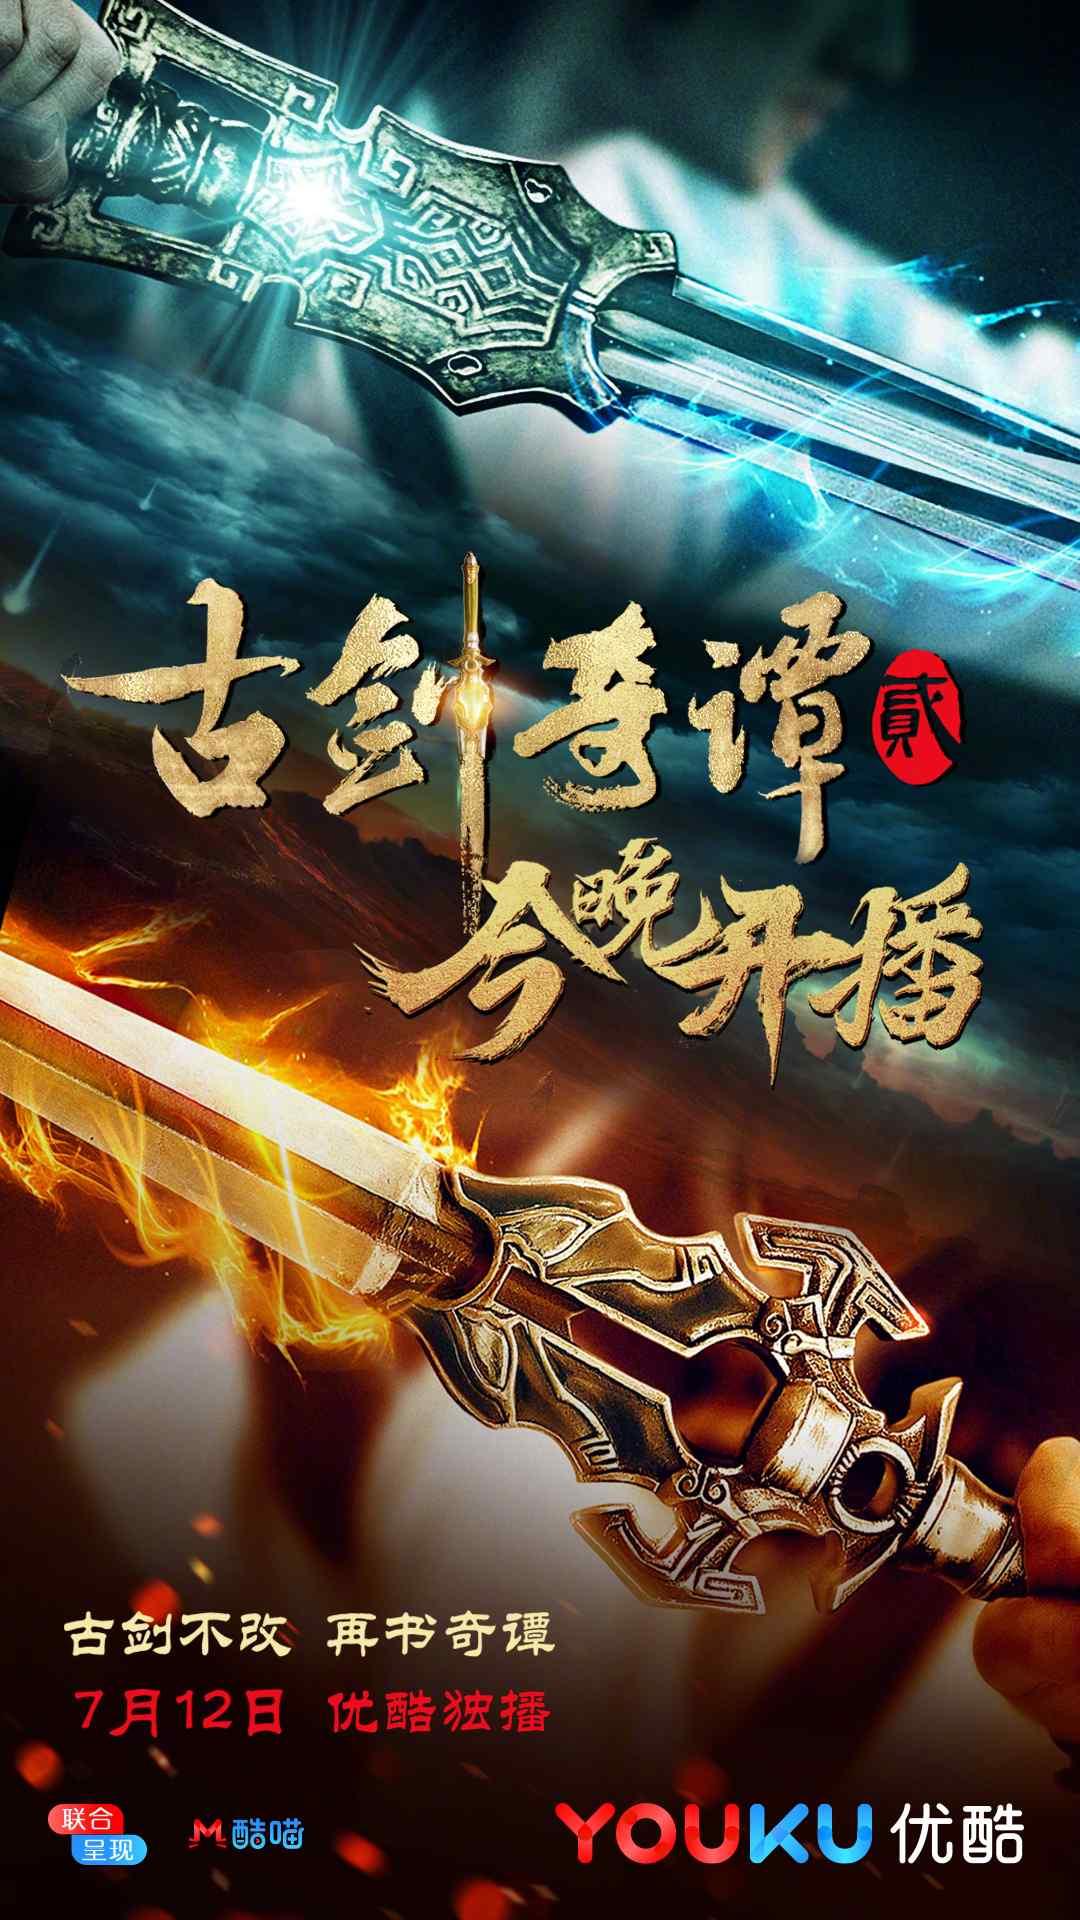 《古剑奇谭2》开播海报图片